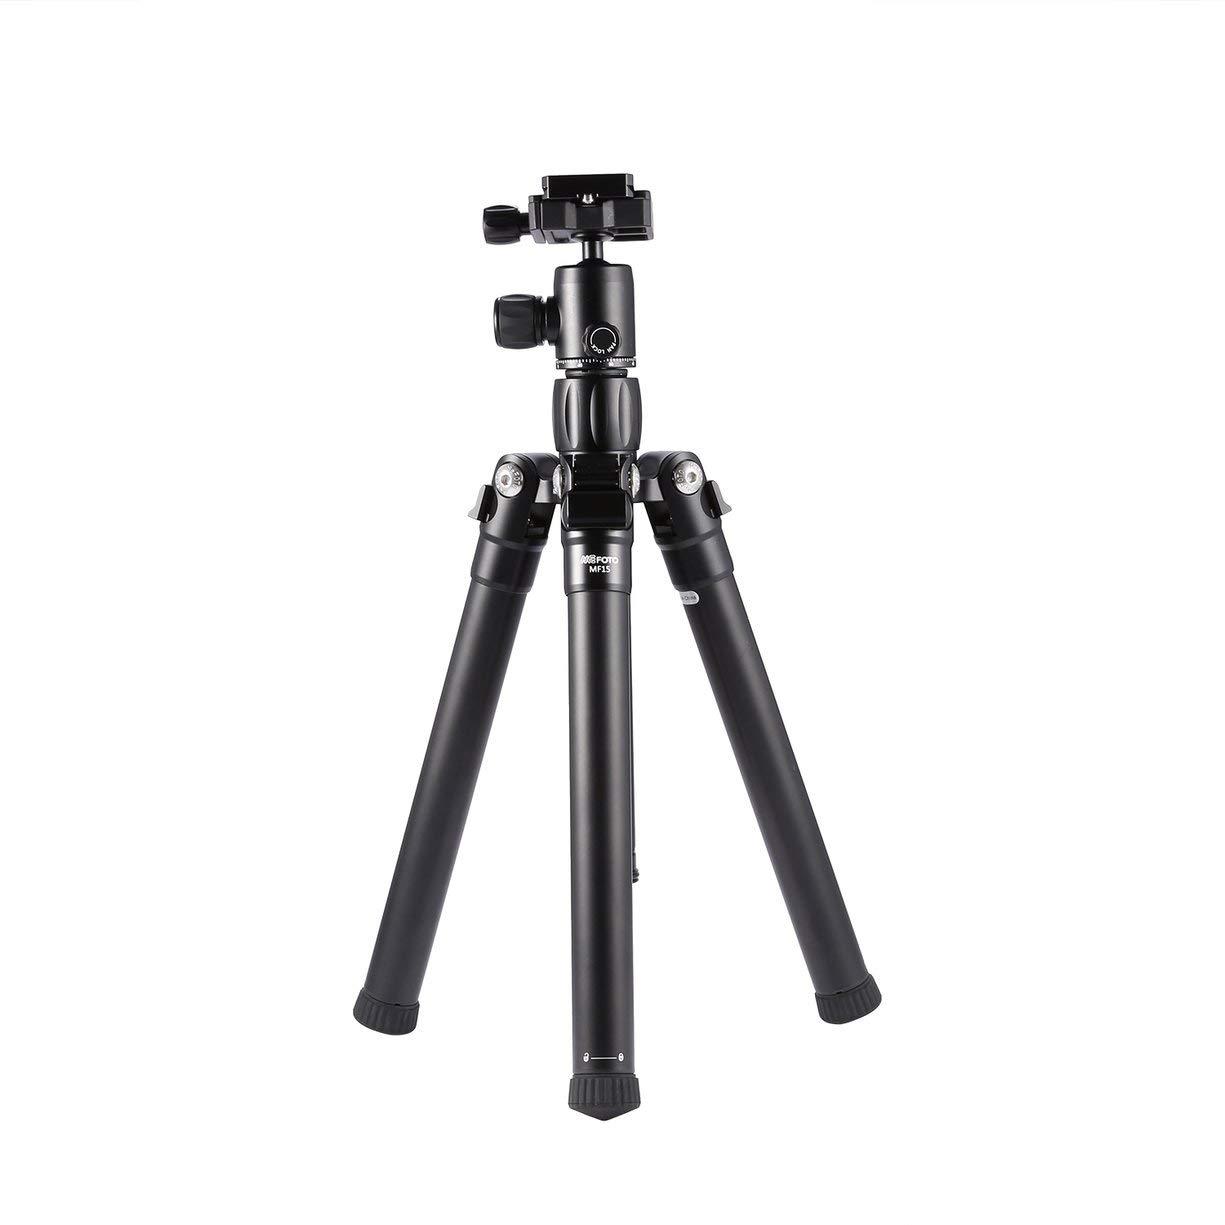 プロ一眼レフカメラMF15 5セクション反射一脚軽量ハンディ三脚Selfieスティックブラケットアクセサリー   B07RWHYMQR